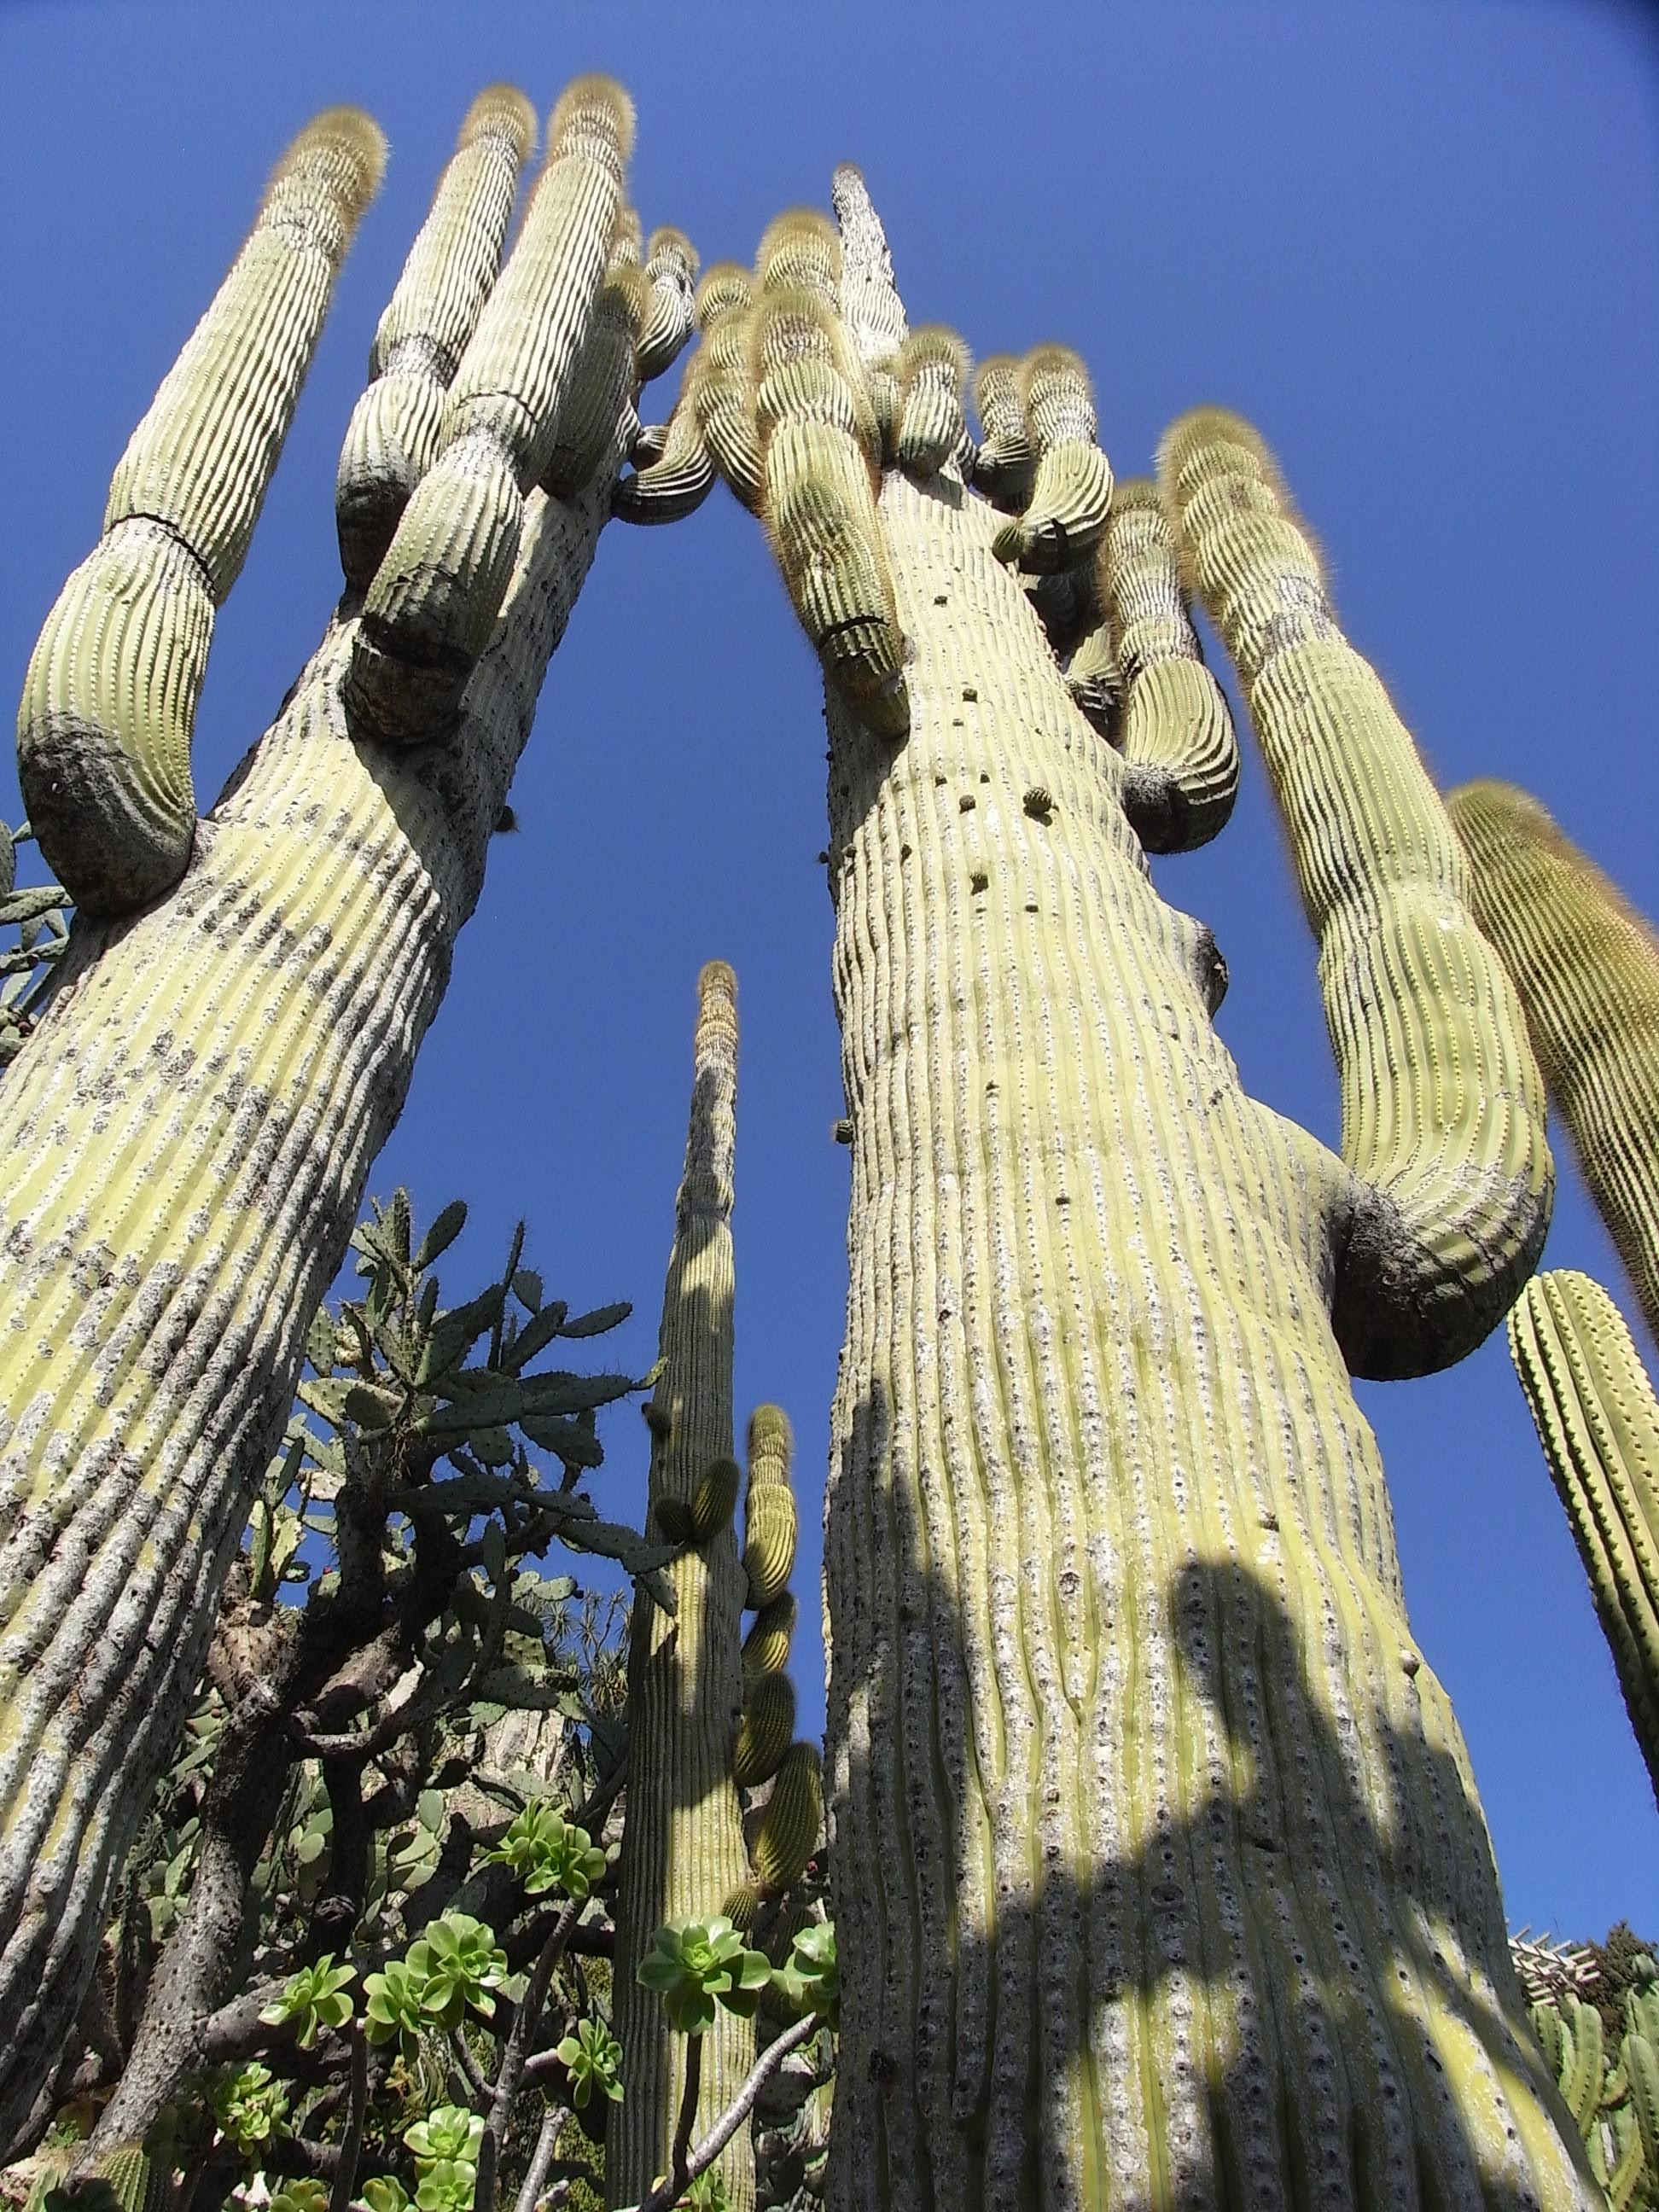 Cactus, Blue, Green, Tall, HQ Photo